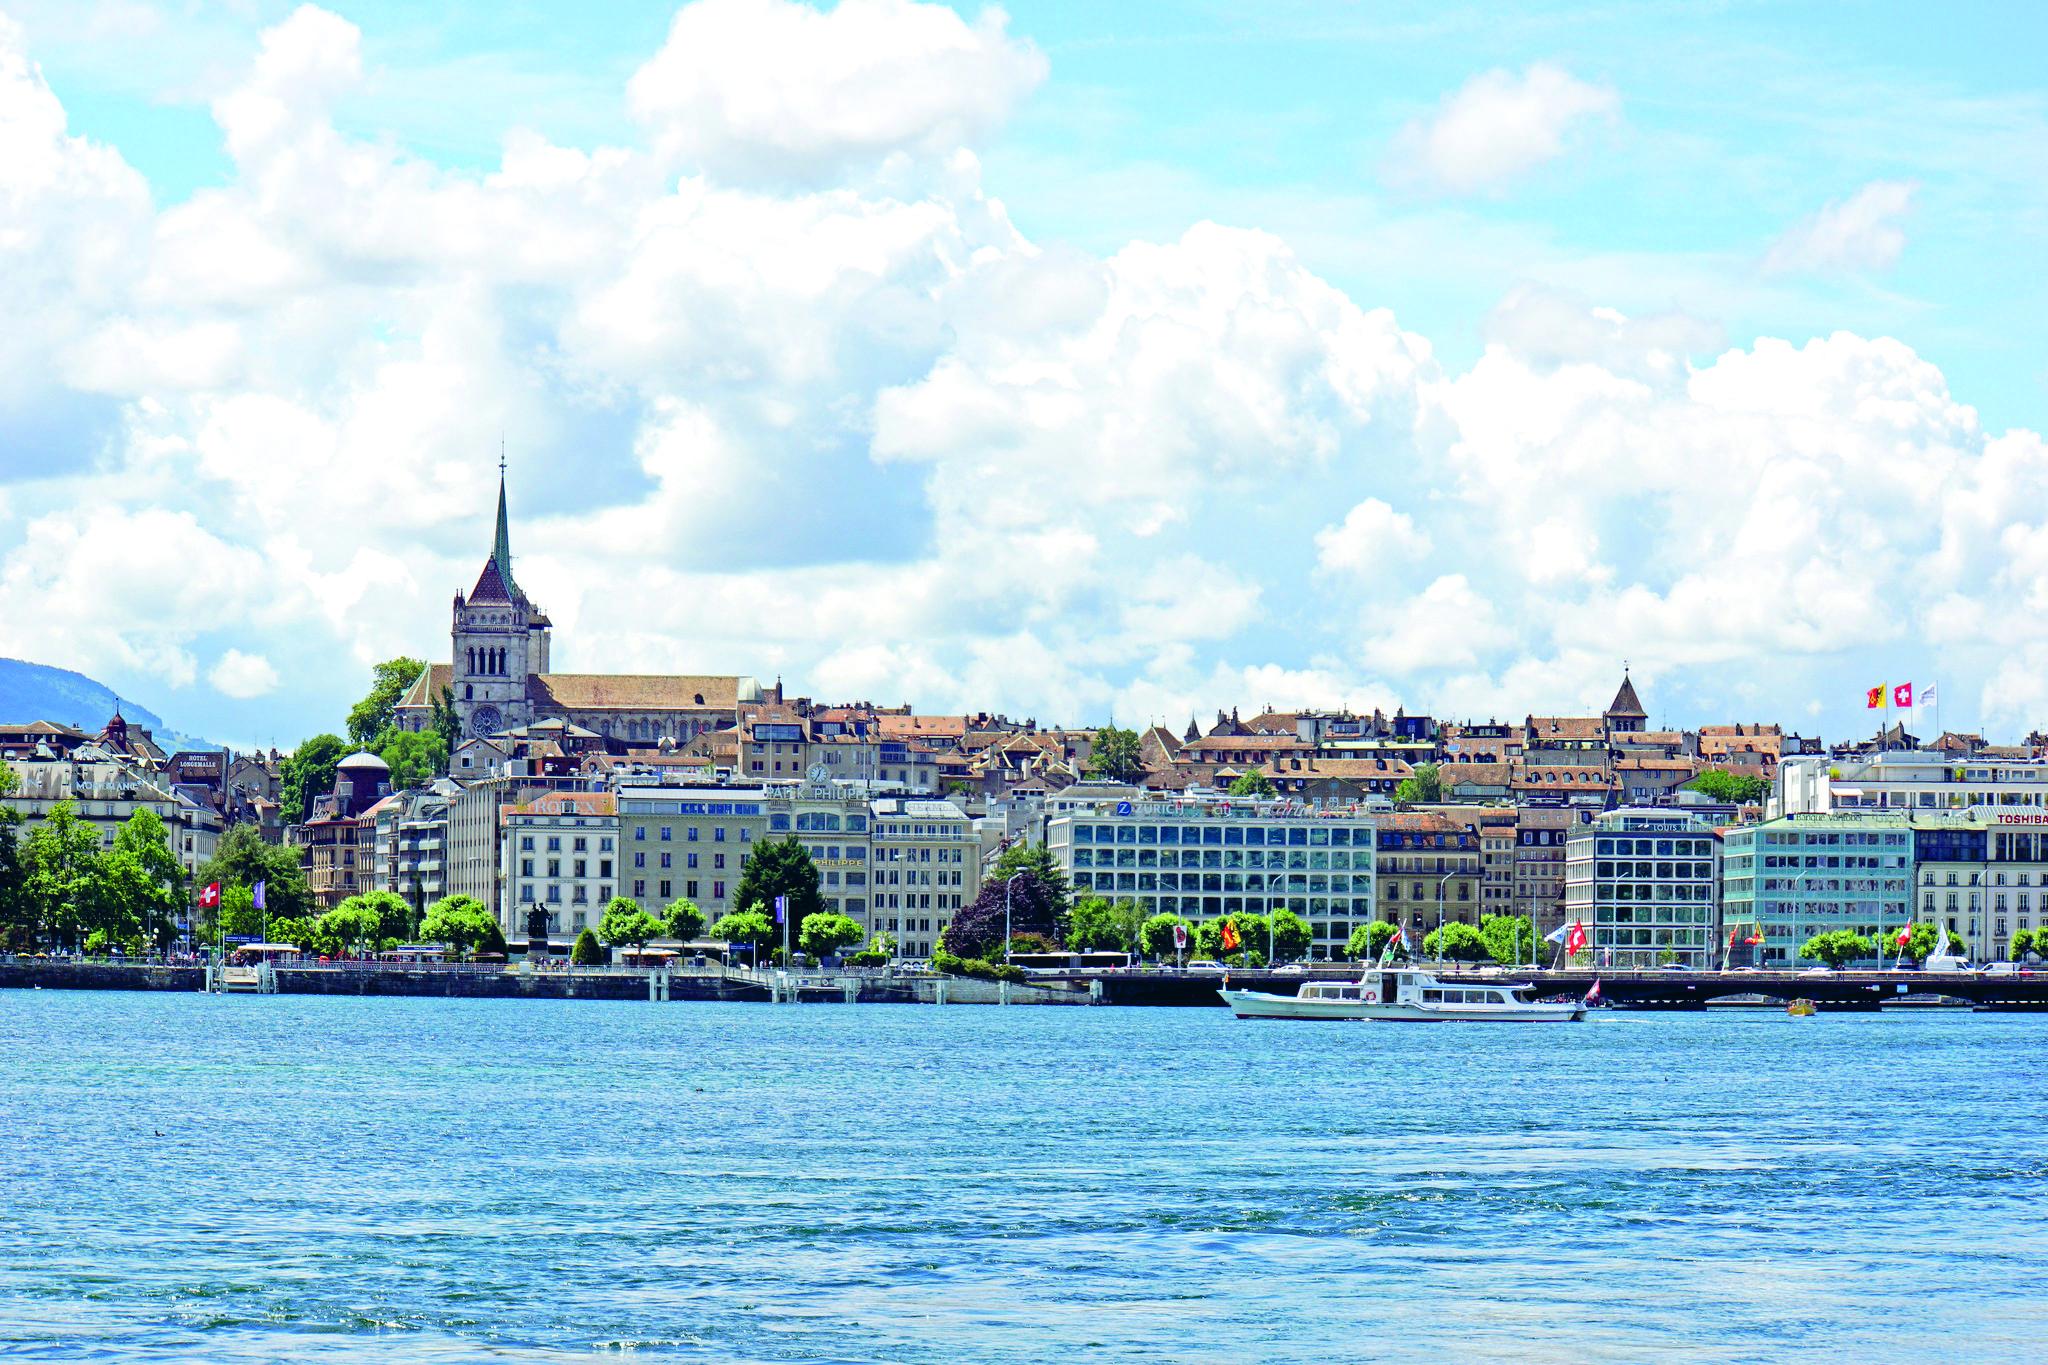 Näkymä Geneveen järven toiselta puolen. Kuva: Dennis Jervis / Flickr